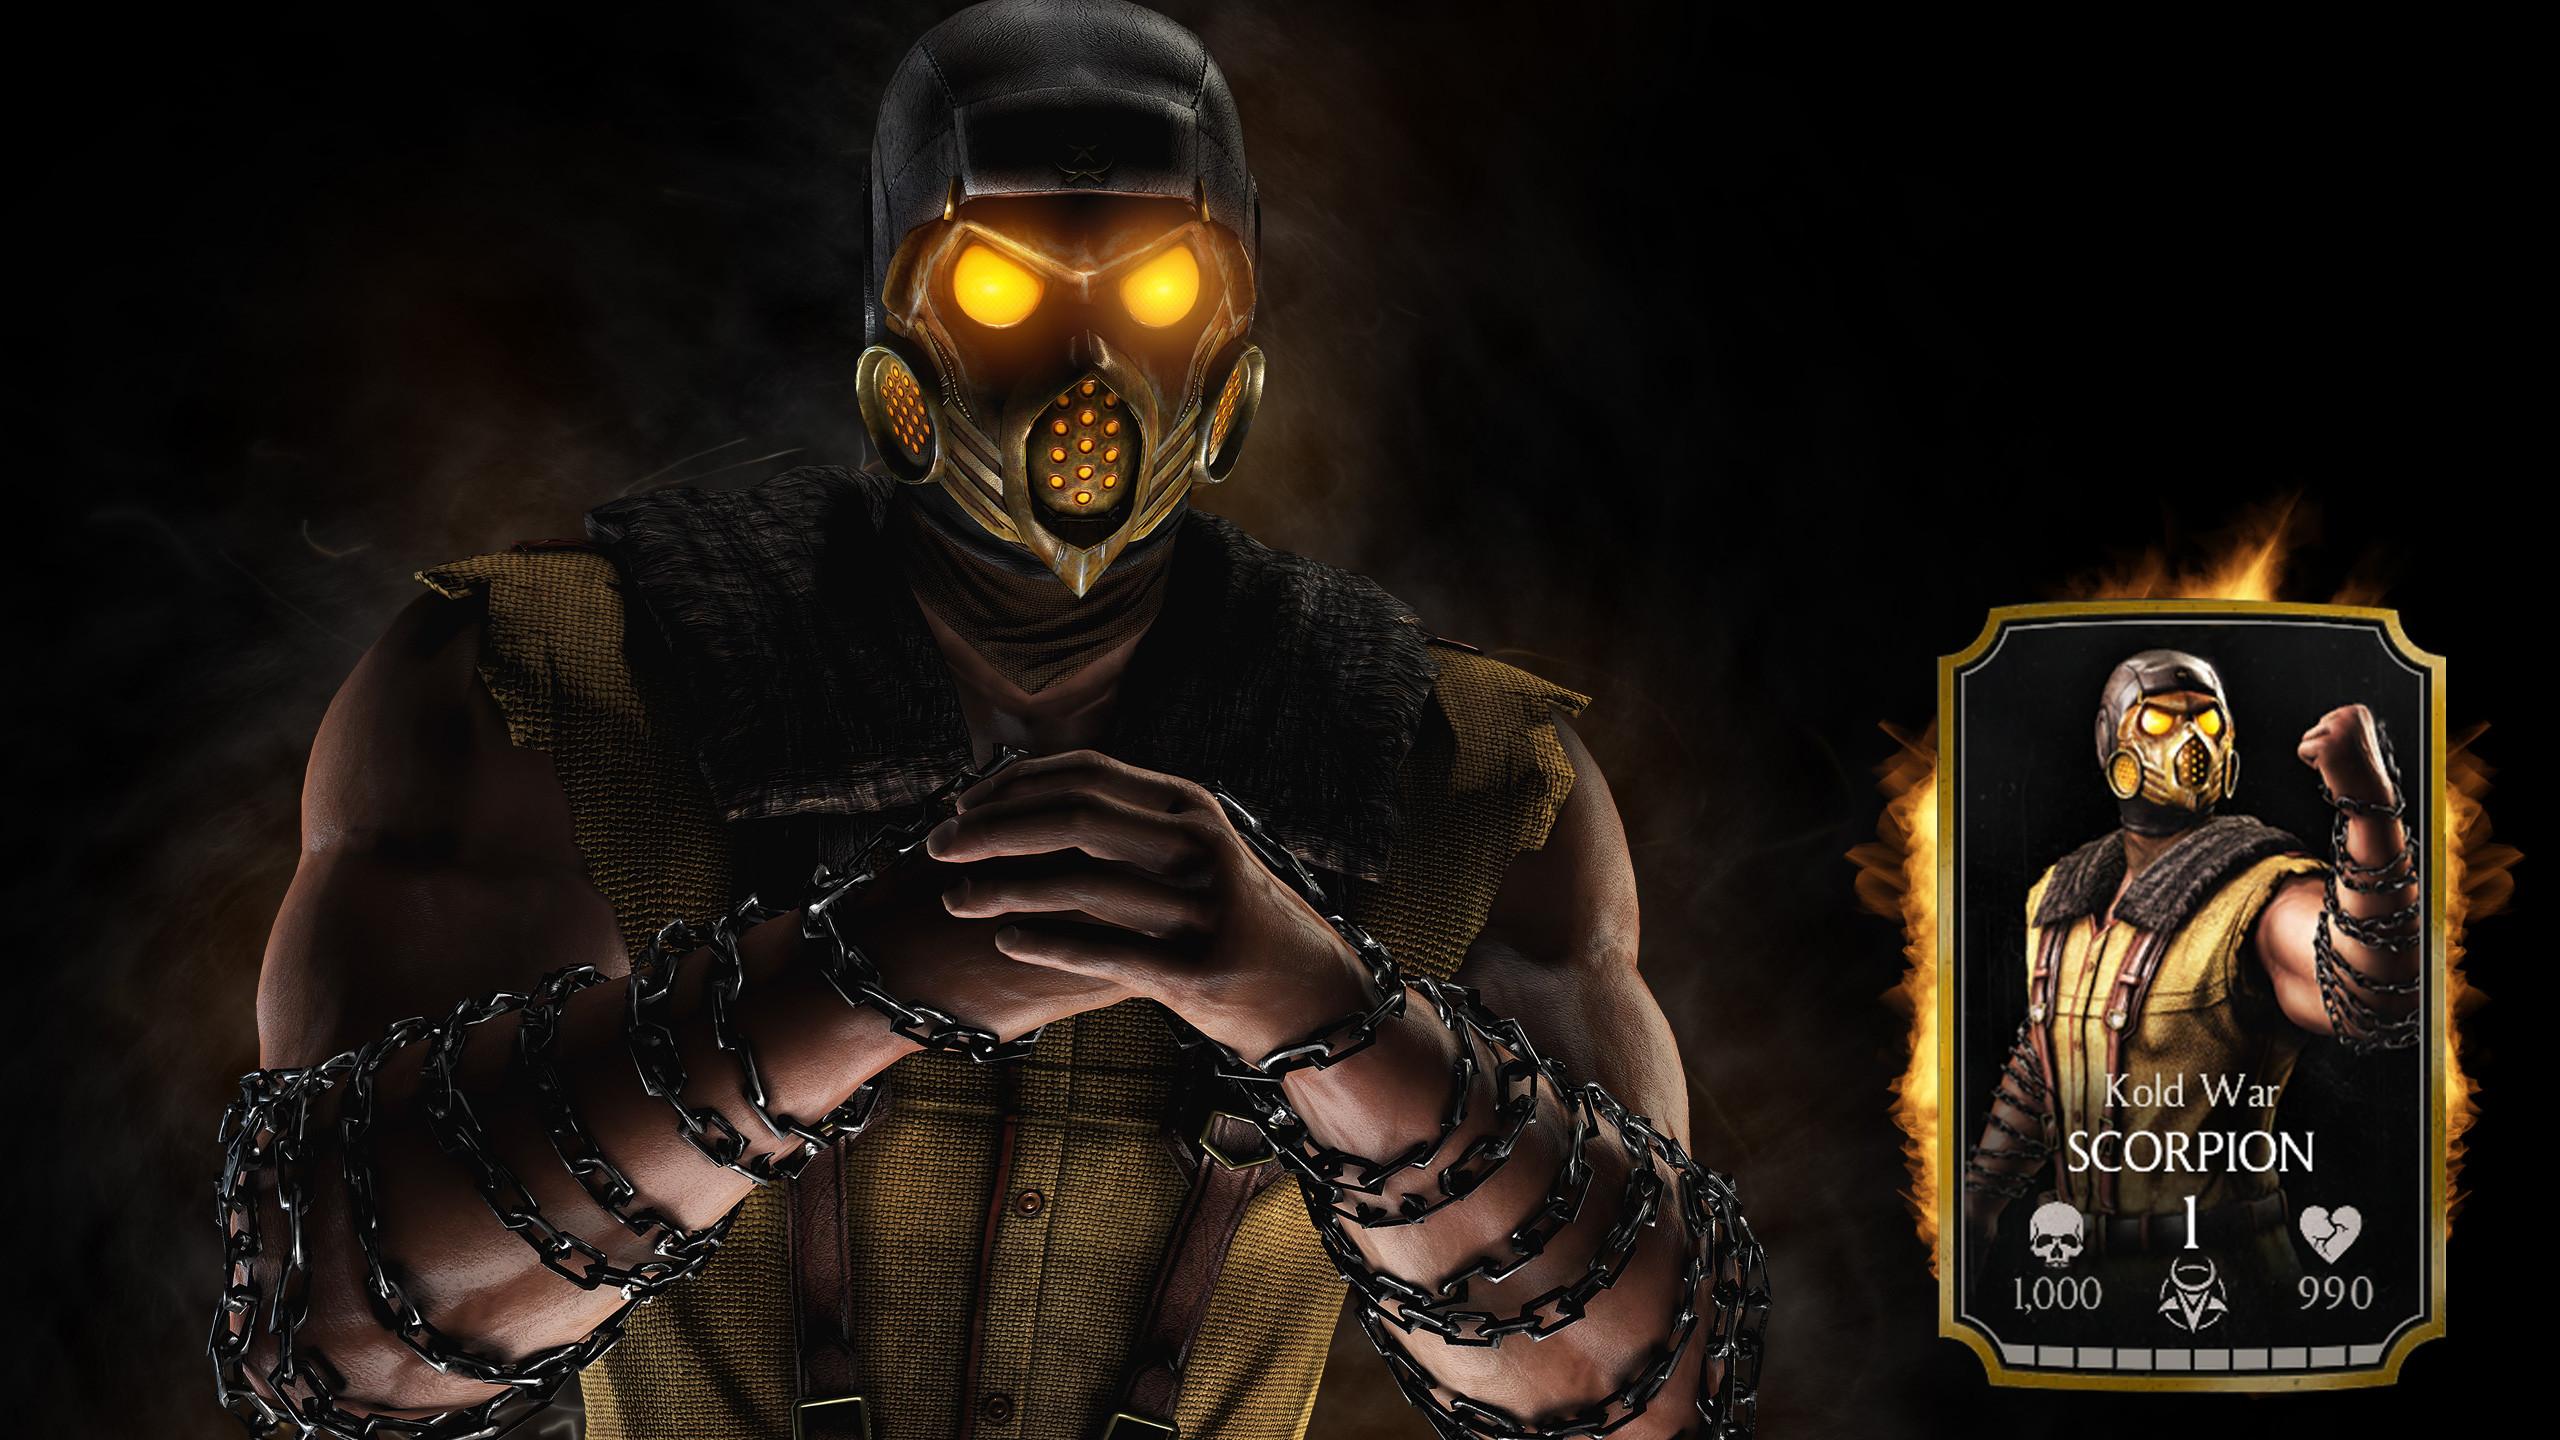 Mortal Kombat X Wallpaper Hd 72 Images